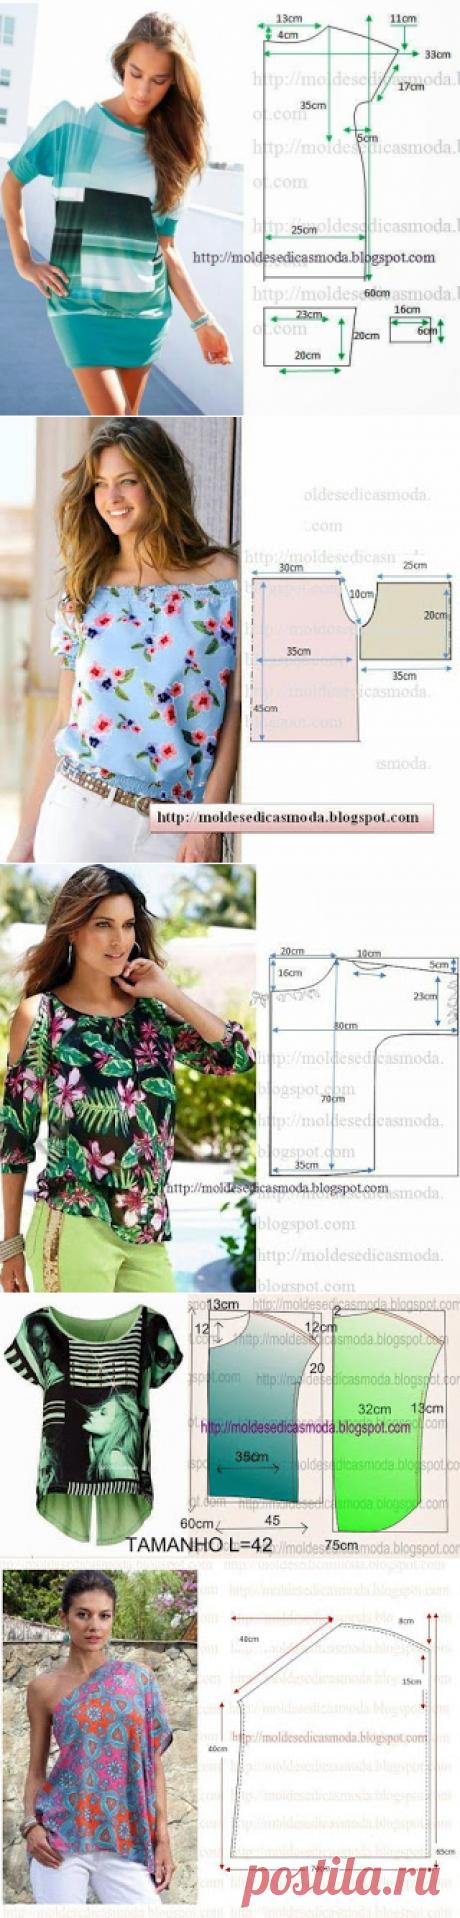 Блузки, туники - очень много простых выкроек, шитье, летняя одежда